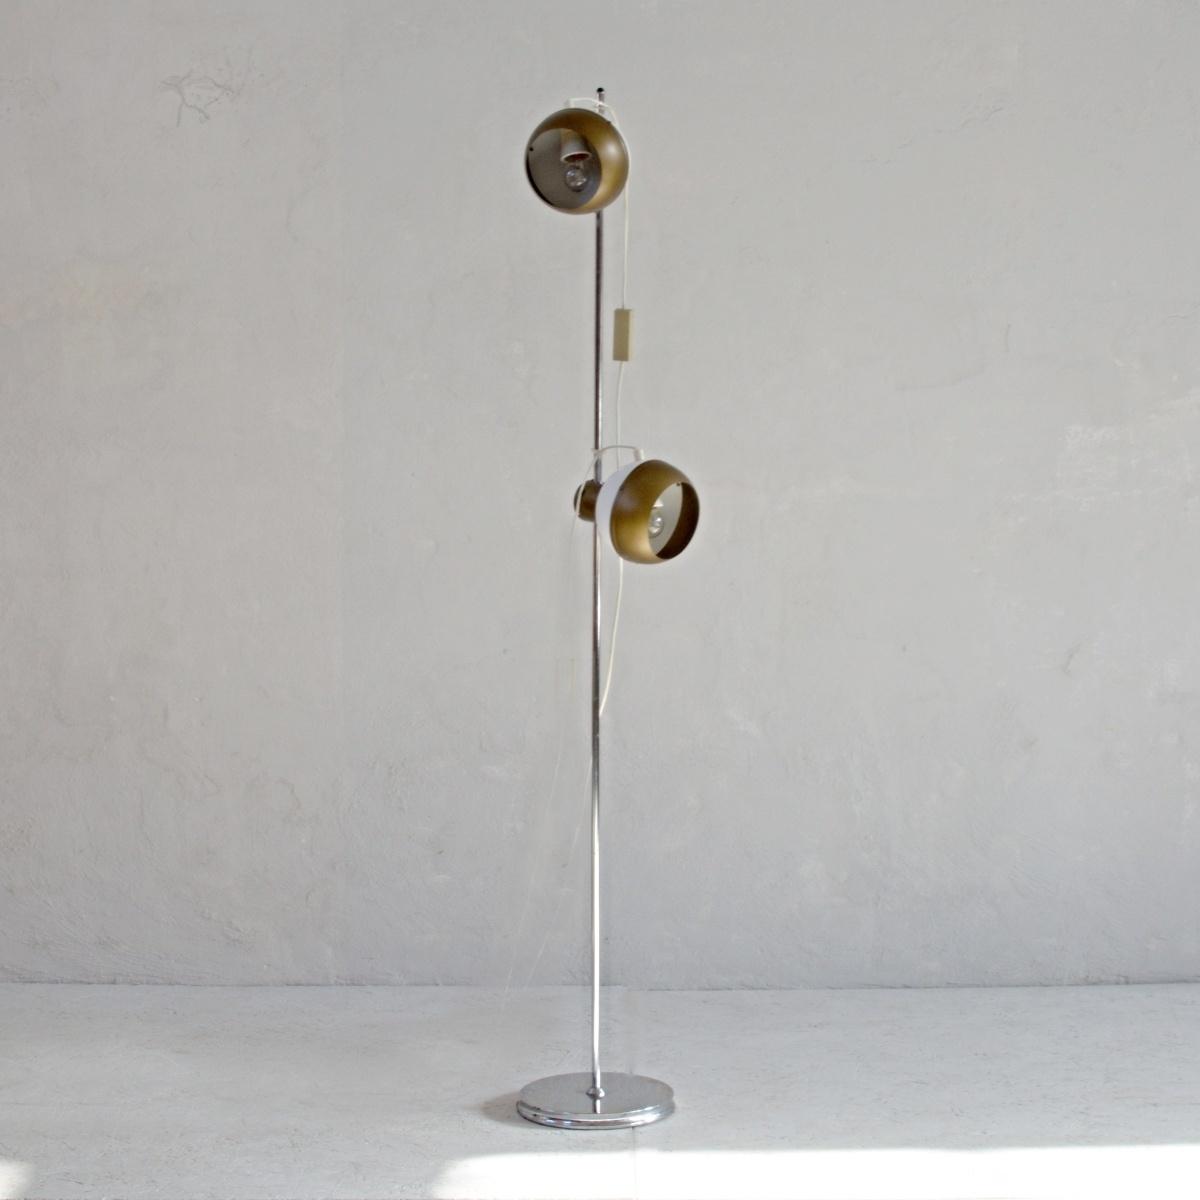 Původní stojací kovová lampa Drukov se dvěma stínidly